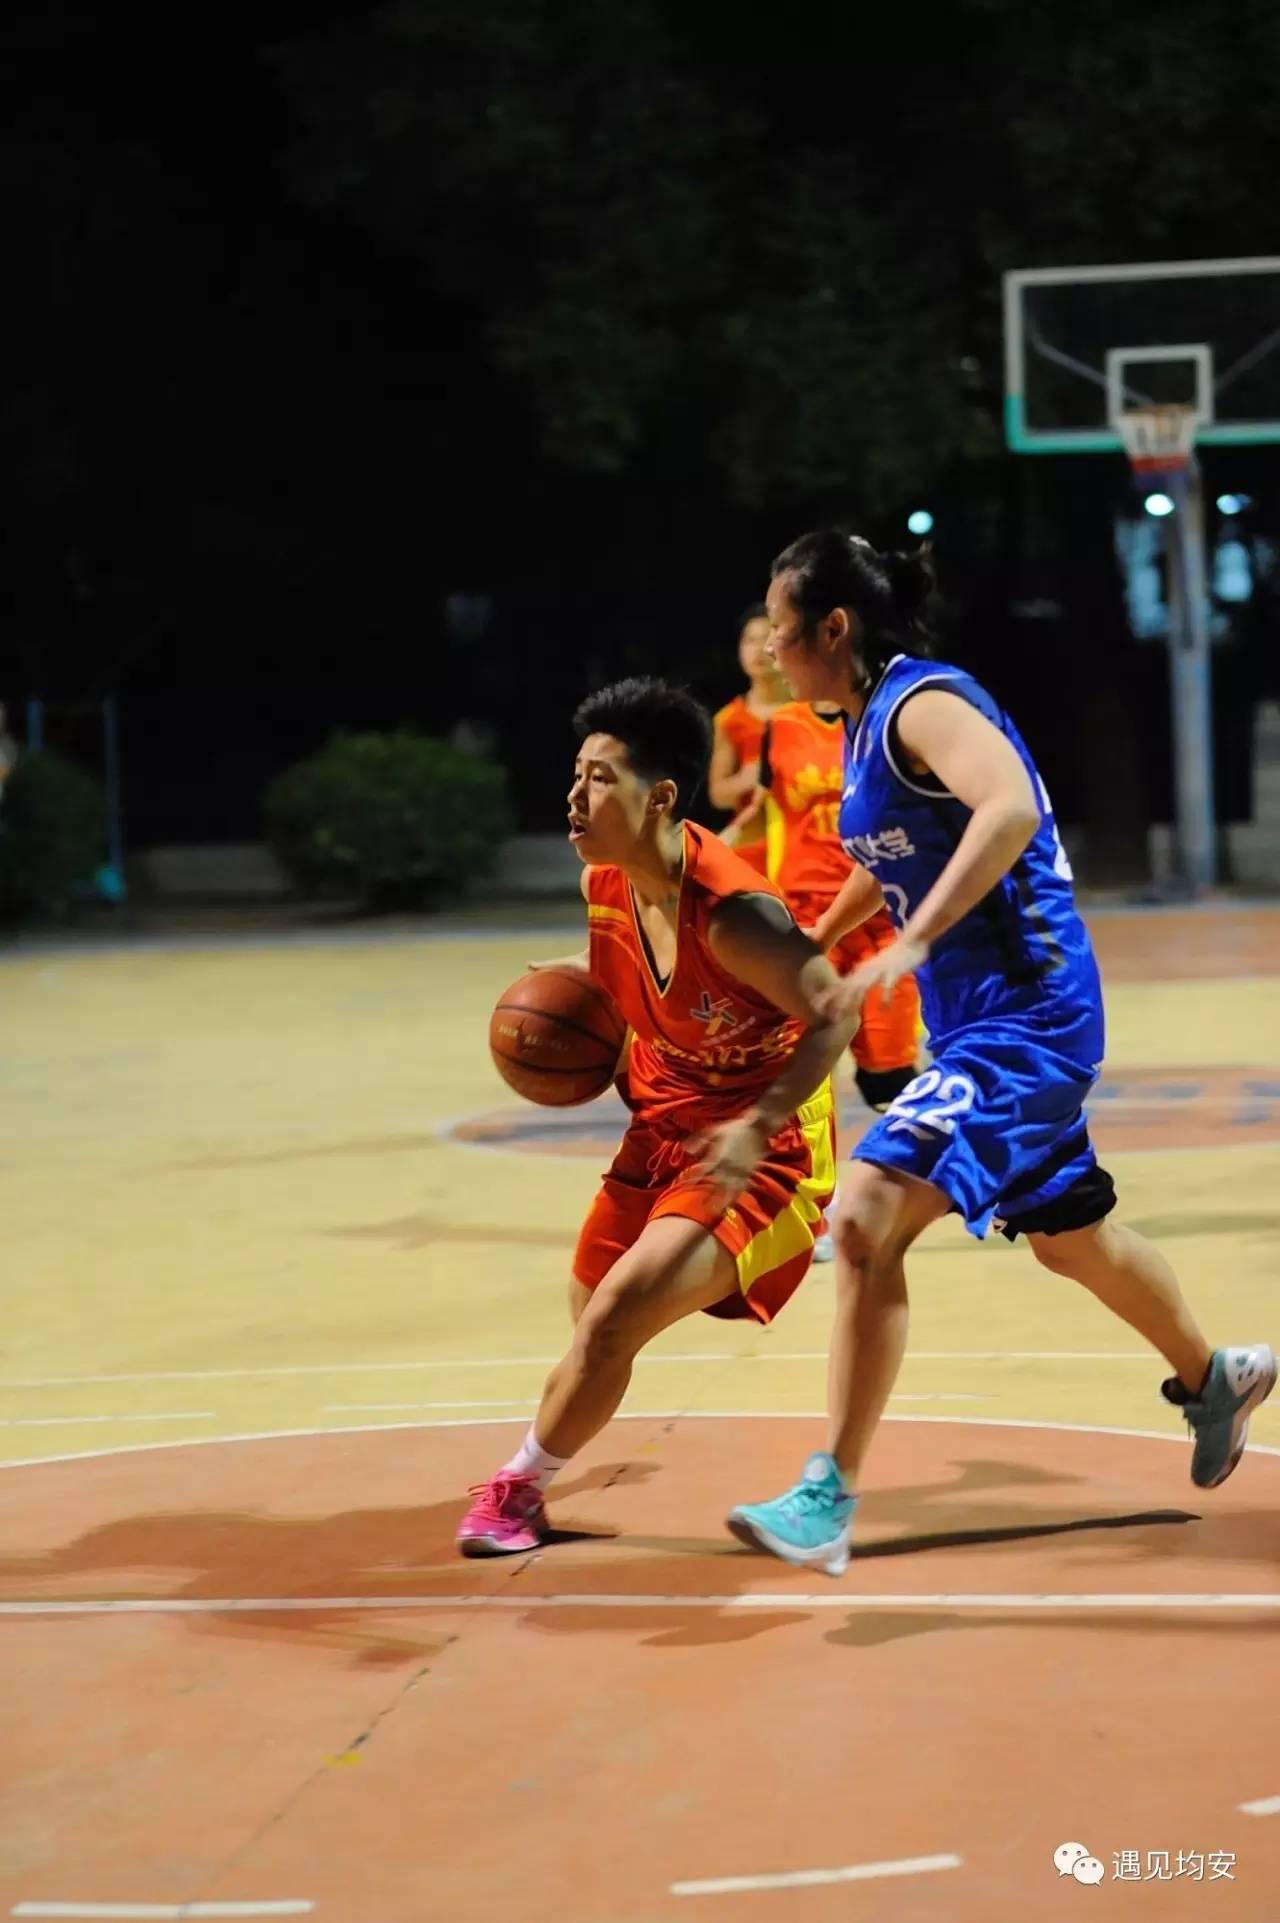 精彩速递 均安女篮首战安徽工业大学女篮争夺 星槎杯图片